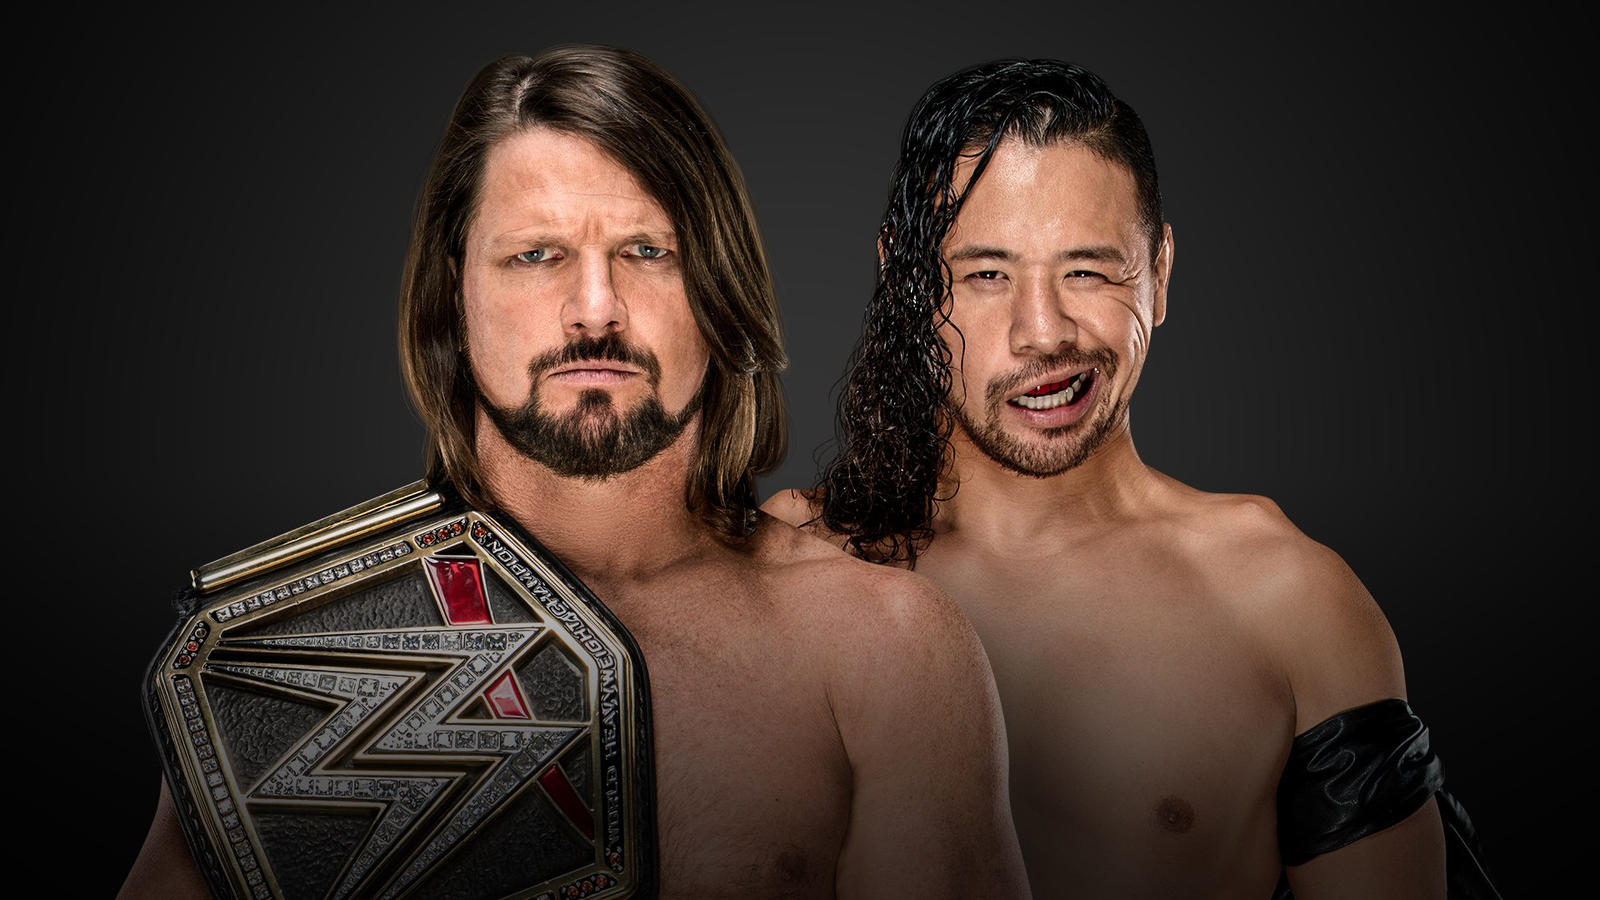 Матч за титул чемпиона WWE назначен на Backlash 2018; Обновленный кард следующего PPV-шоу